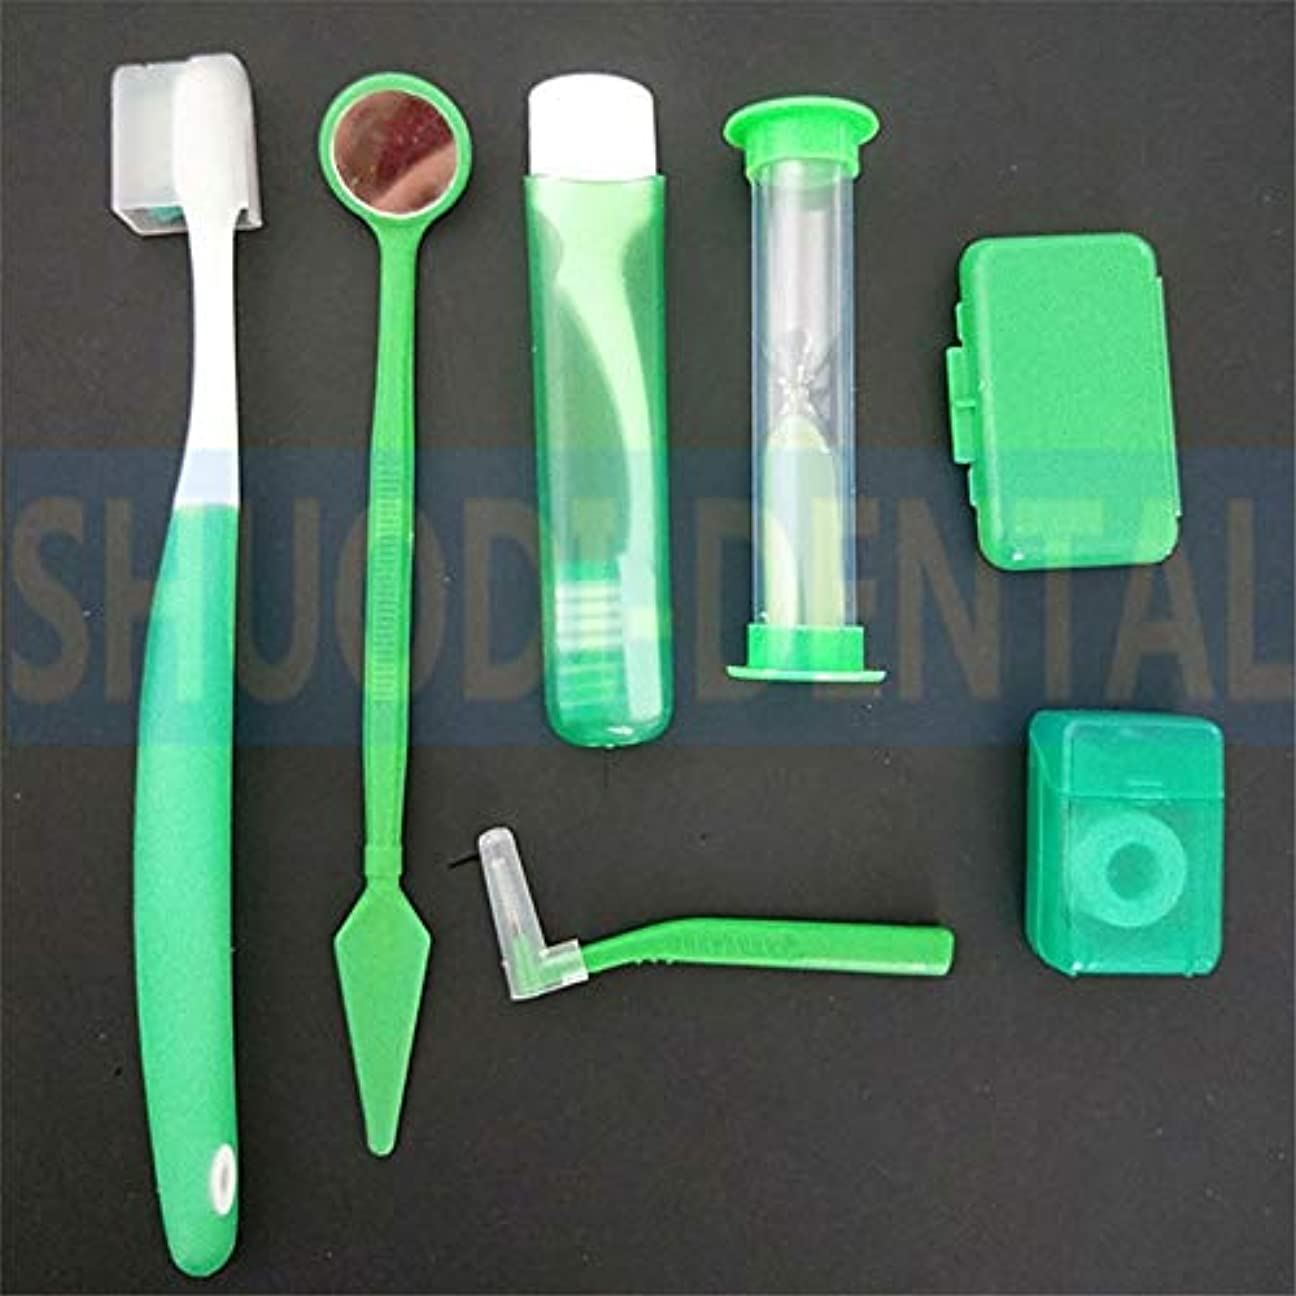 無駄だコントロールフォーマットZHQI-HEAL 7個/セット歯科用歯列キットオーラルクリーニングケアフロス糸口ミラーホワイトニングツール082 (色 : Green)